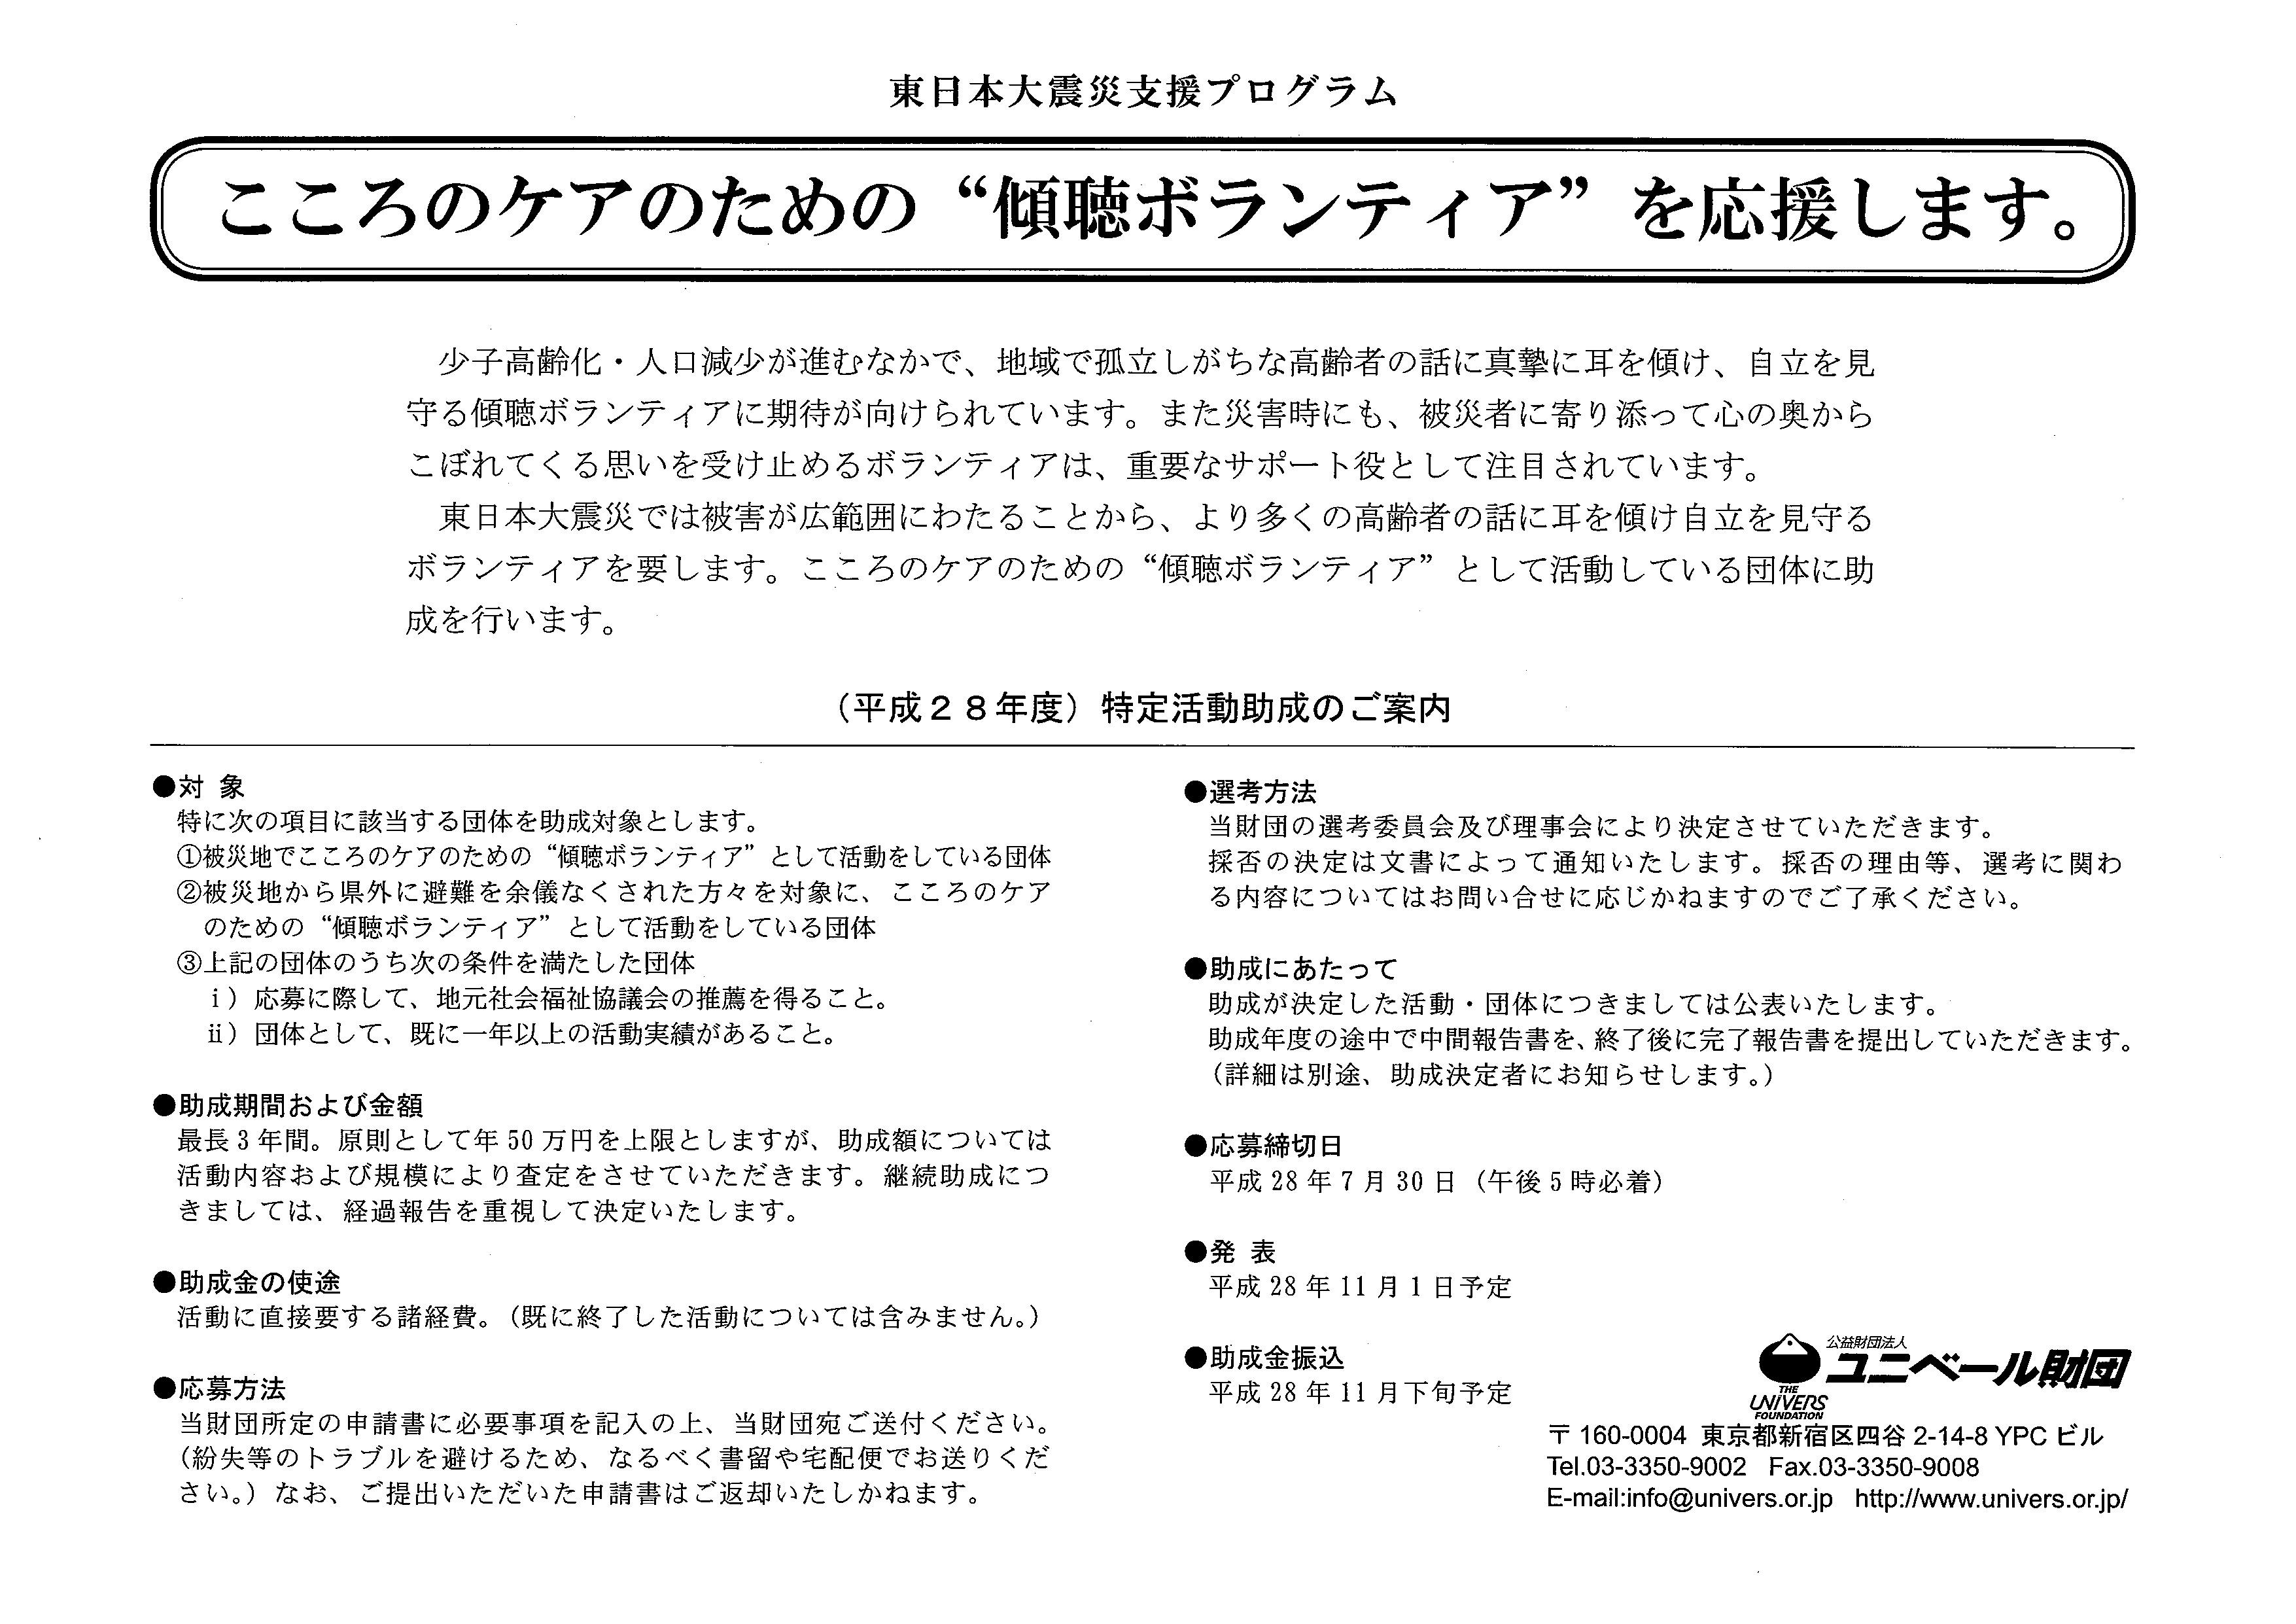 公益財団法人ユニベール財団による傾聴ボランティア団体助成のお知らせ_ページ_1